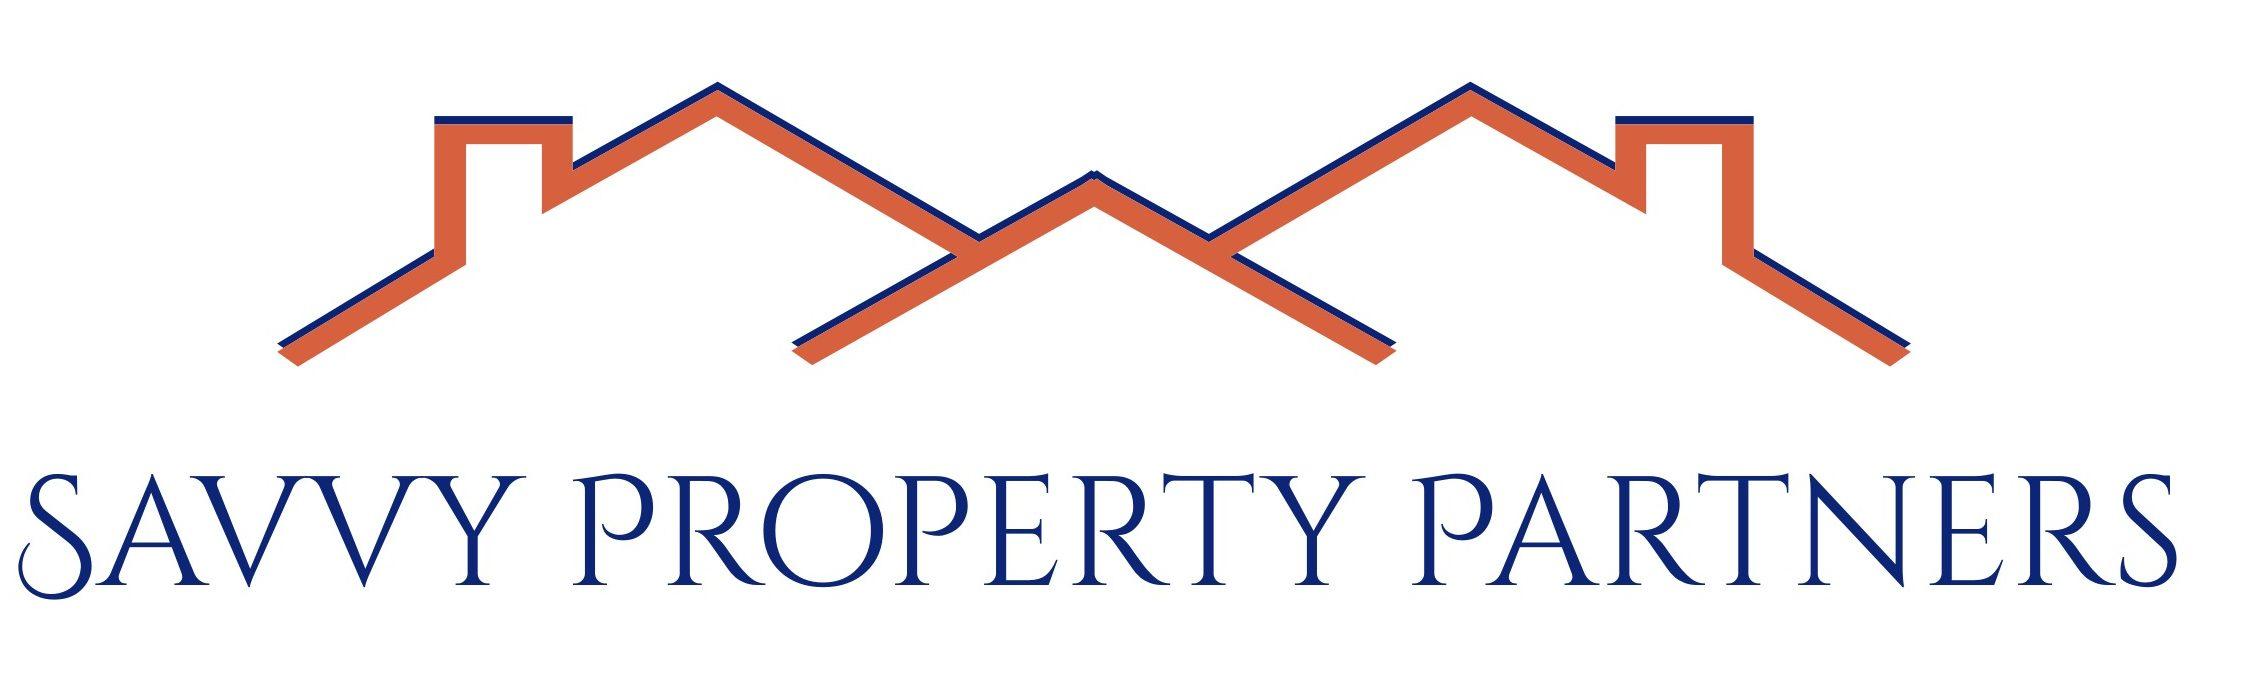 Savvy Property Partners